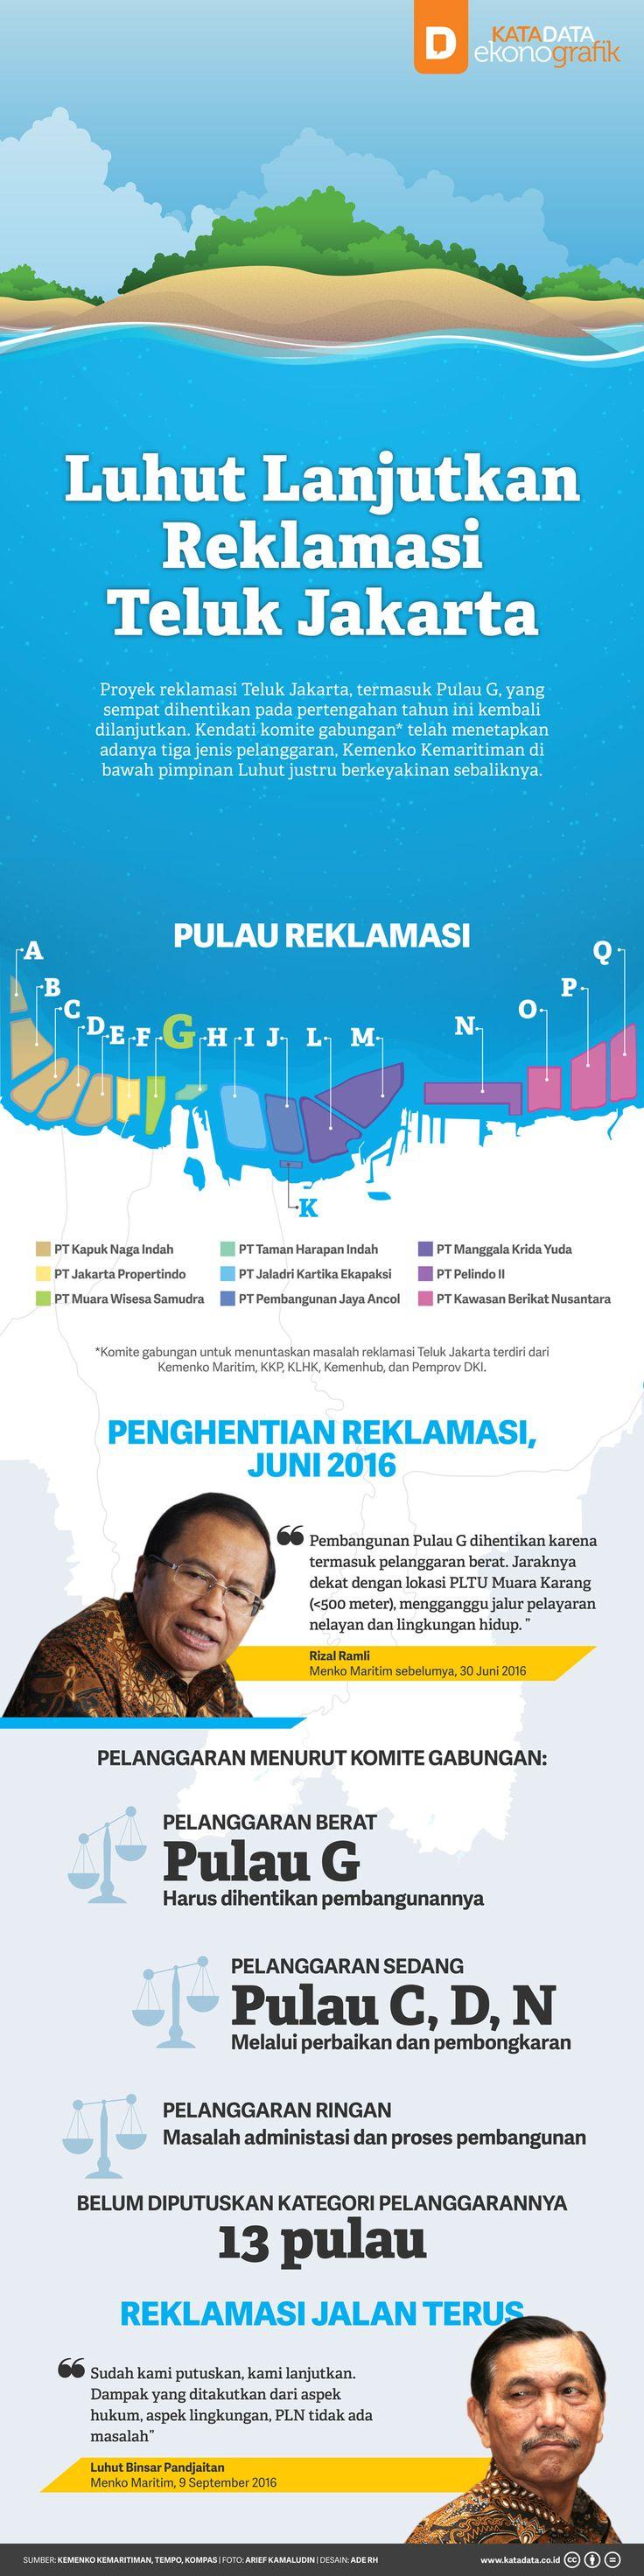 Luhut Lanjutkan Reklamasi Teluk Jakarta